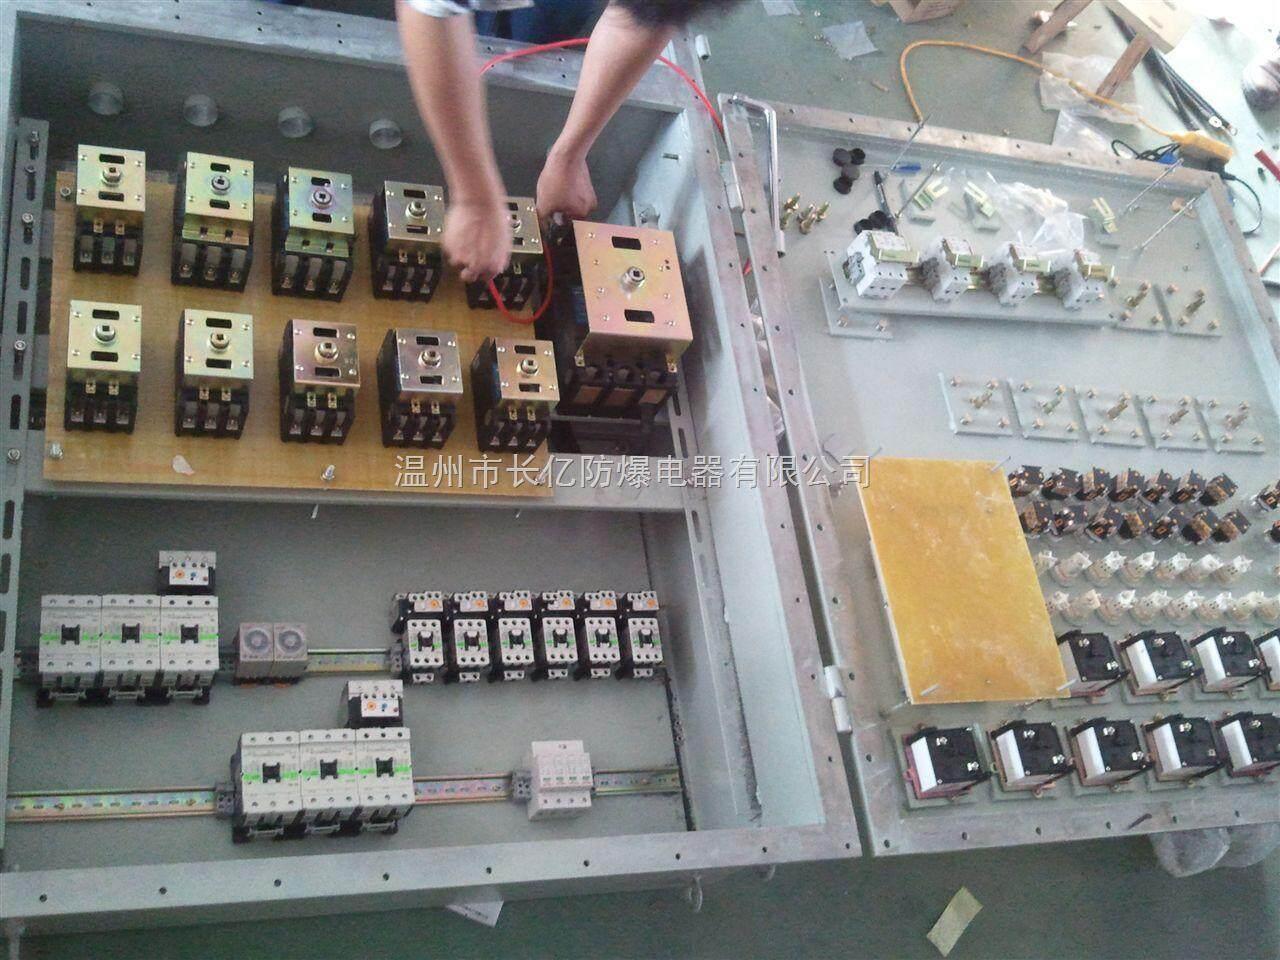 防爆控制按钮,防爆磁力起动器,防爆自耦降压电磁起动箱,防爆星三角